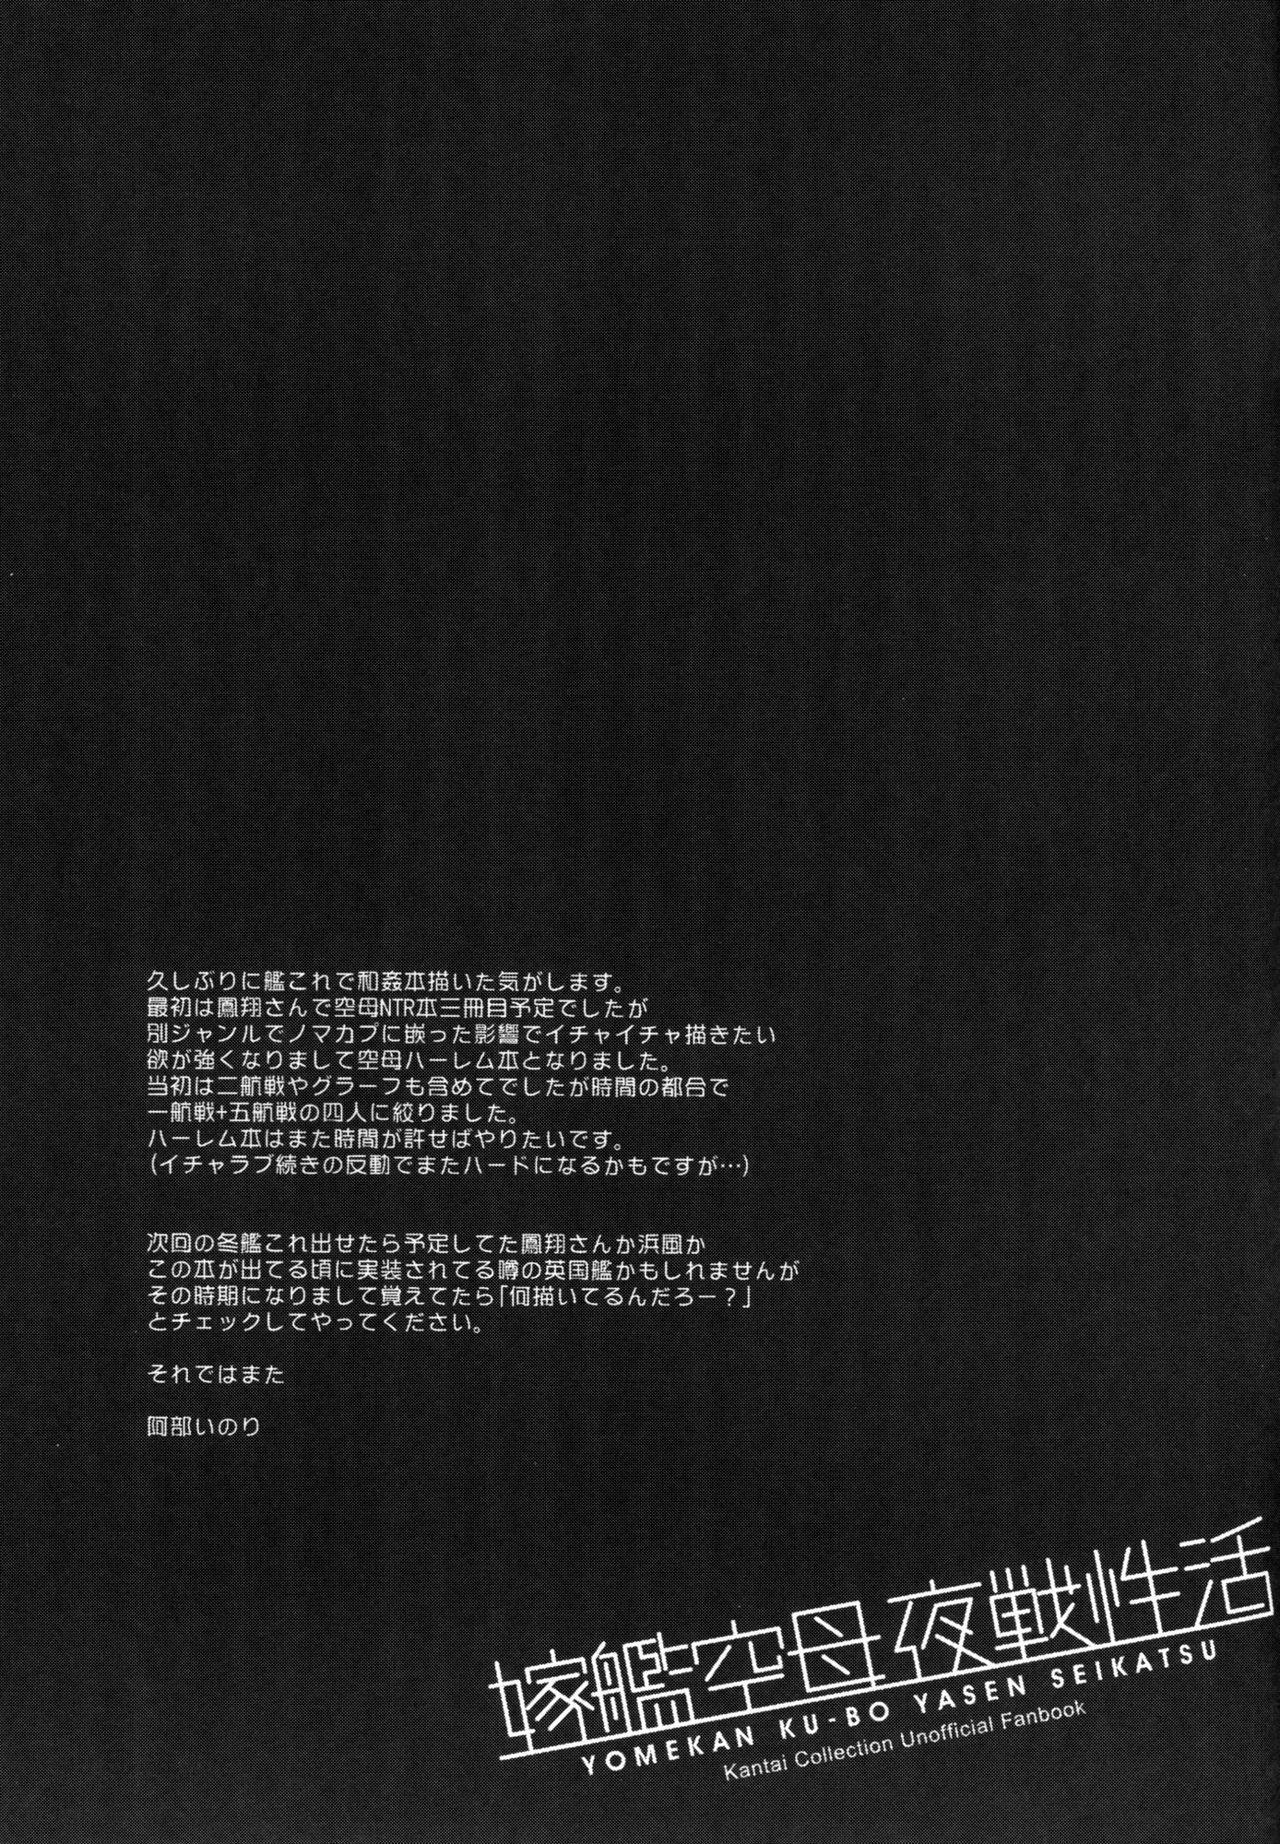 Yomekan Ku-bo Yasen Seikatsu 23